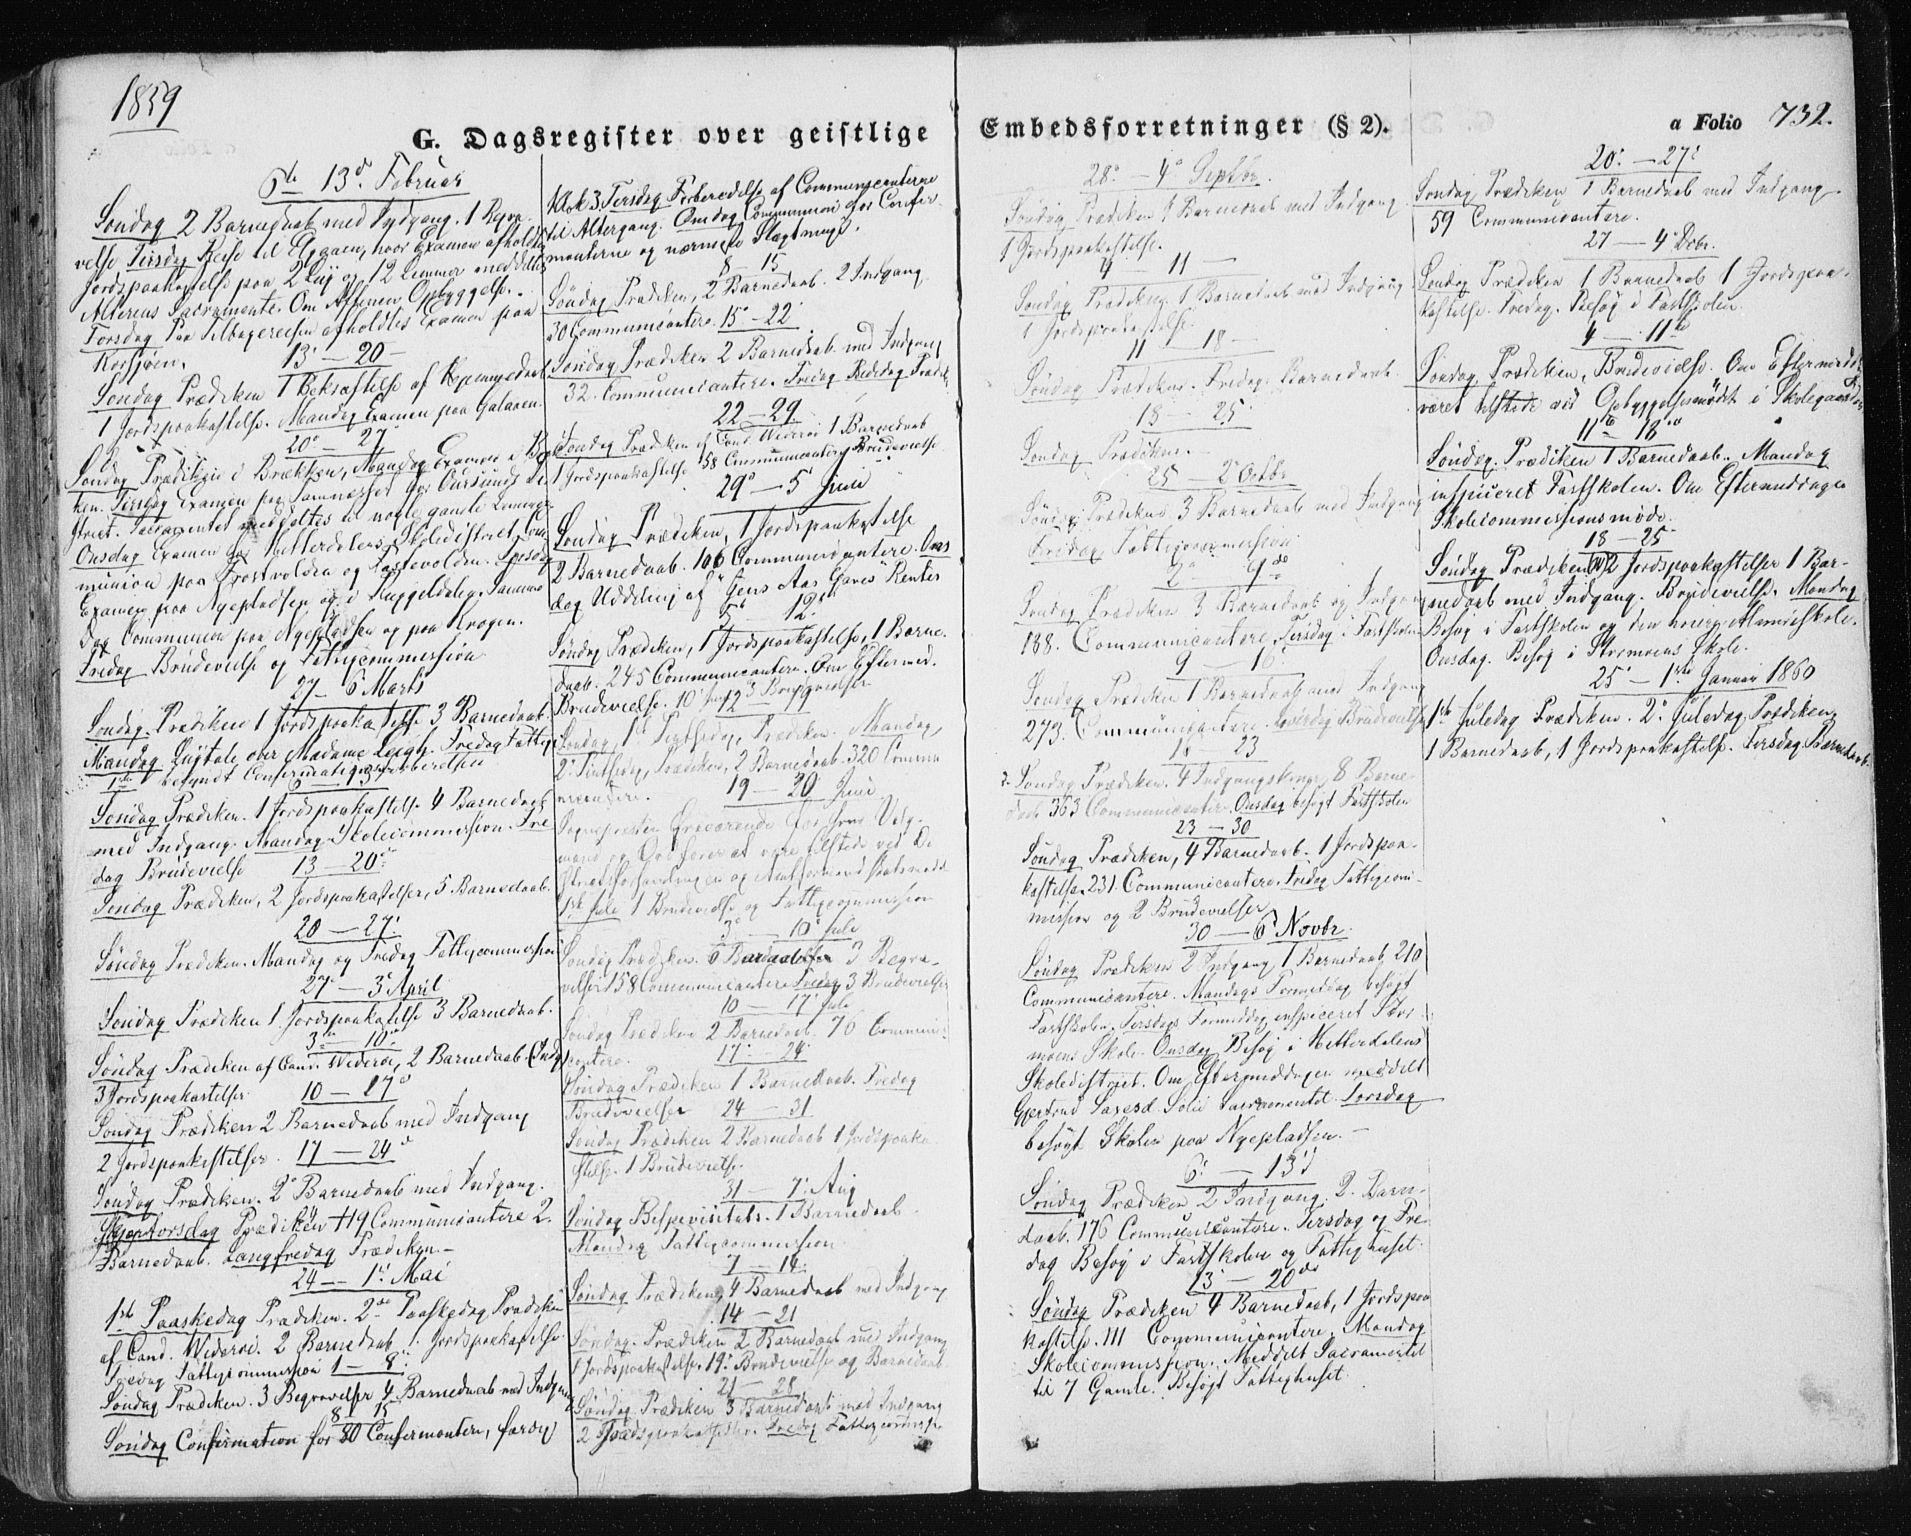 SAT, Ministerialprotokoller, klokkerbøker og fødselsregistre - Sør-Trøndelag, 681/L0931: Ministerialbok nr. 681A09, 1845-1859, s. 732